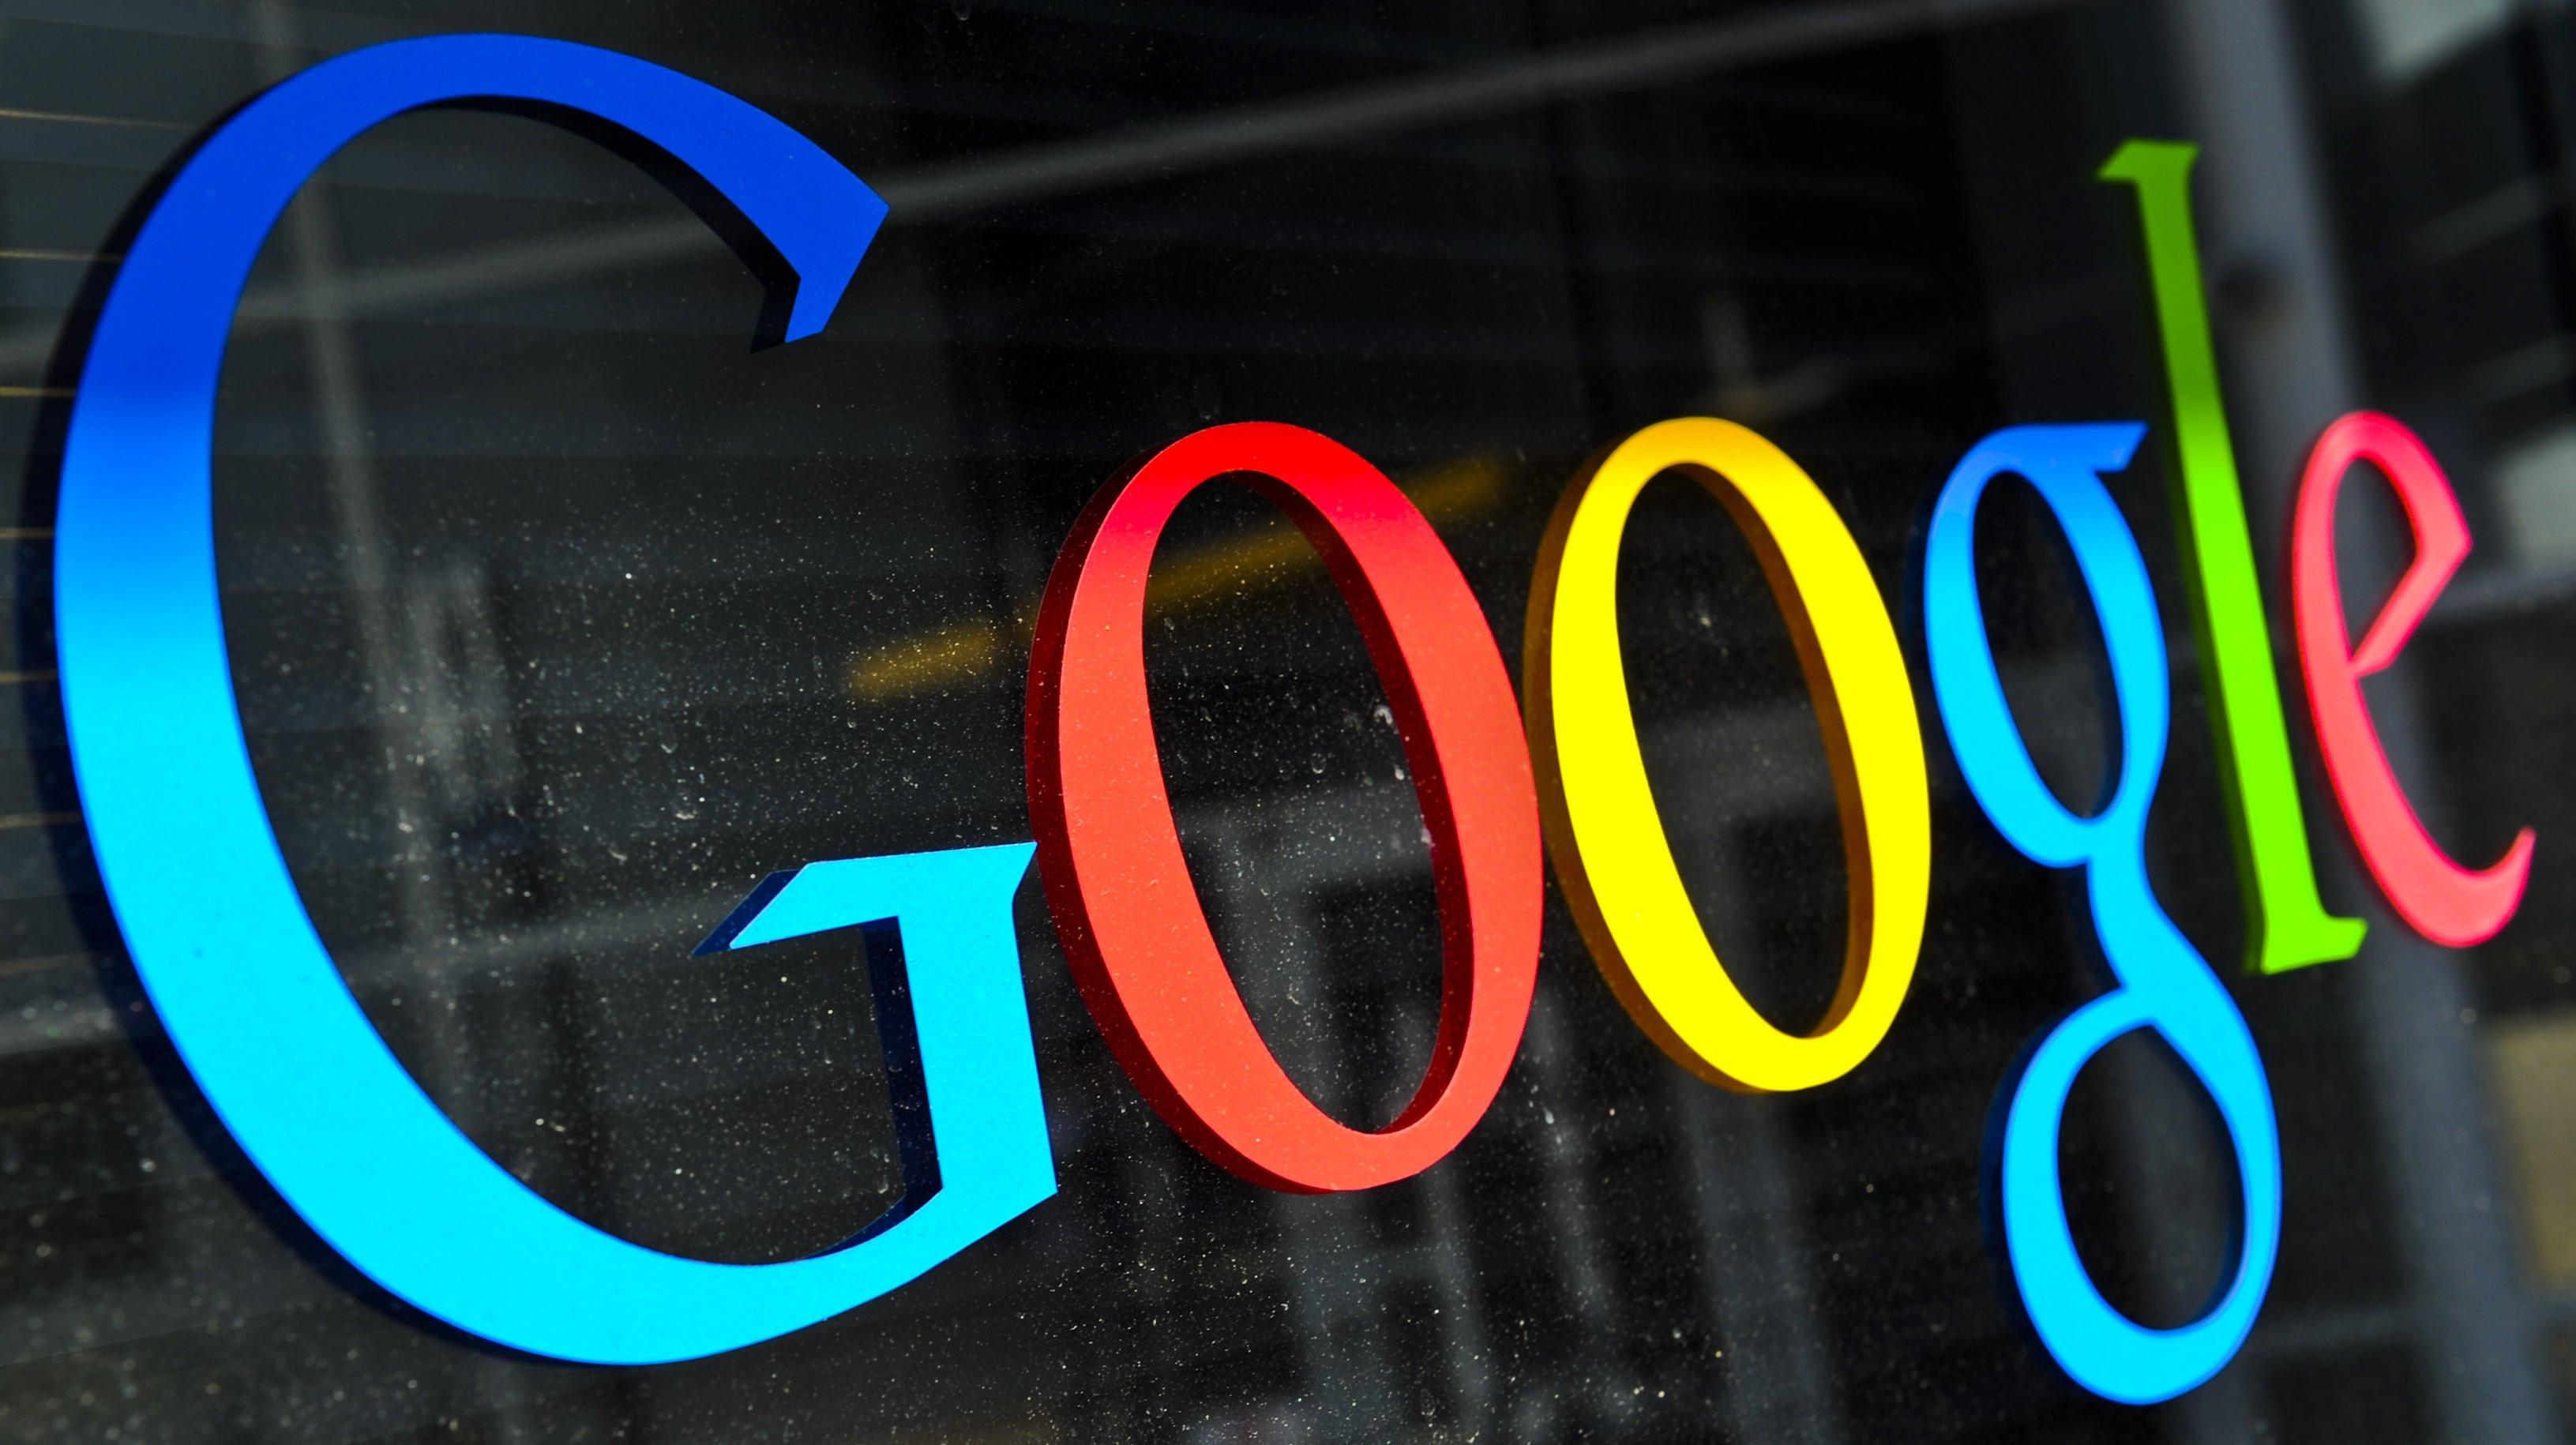 Google will Millionen von Menschen künftig über Drohnen Internetzugang in entlegenen Regionen verschaffen und hat dafür das US-amerikanische Unternehmen Titan Aerospace gekauft.